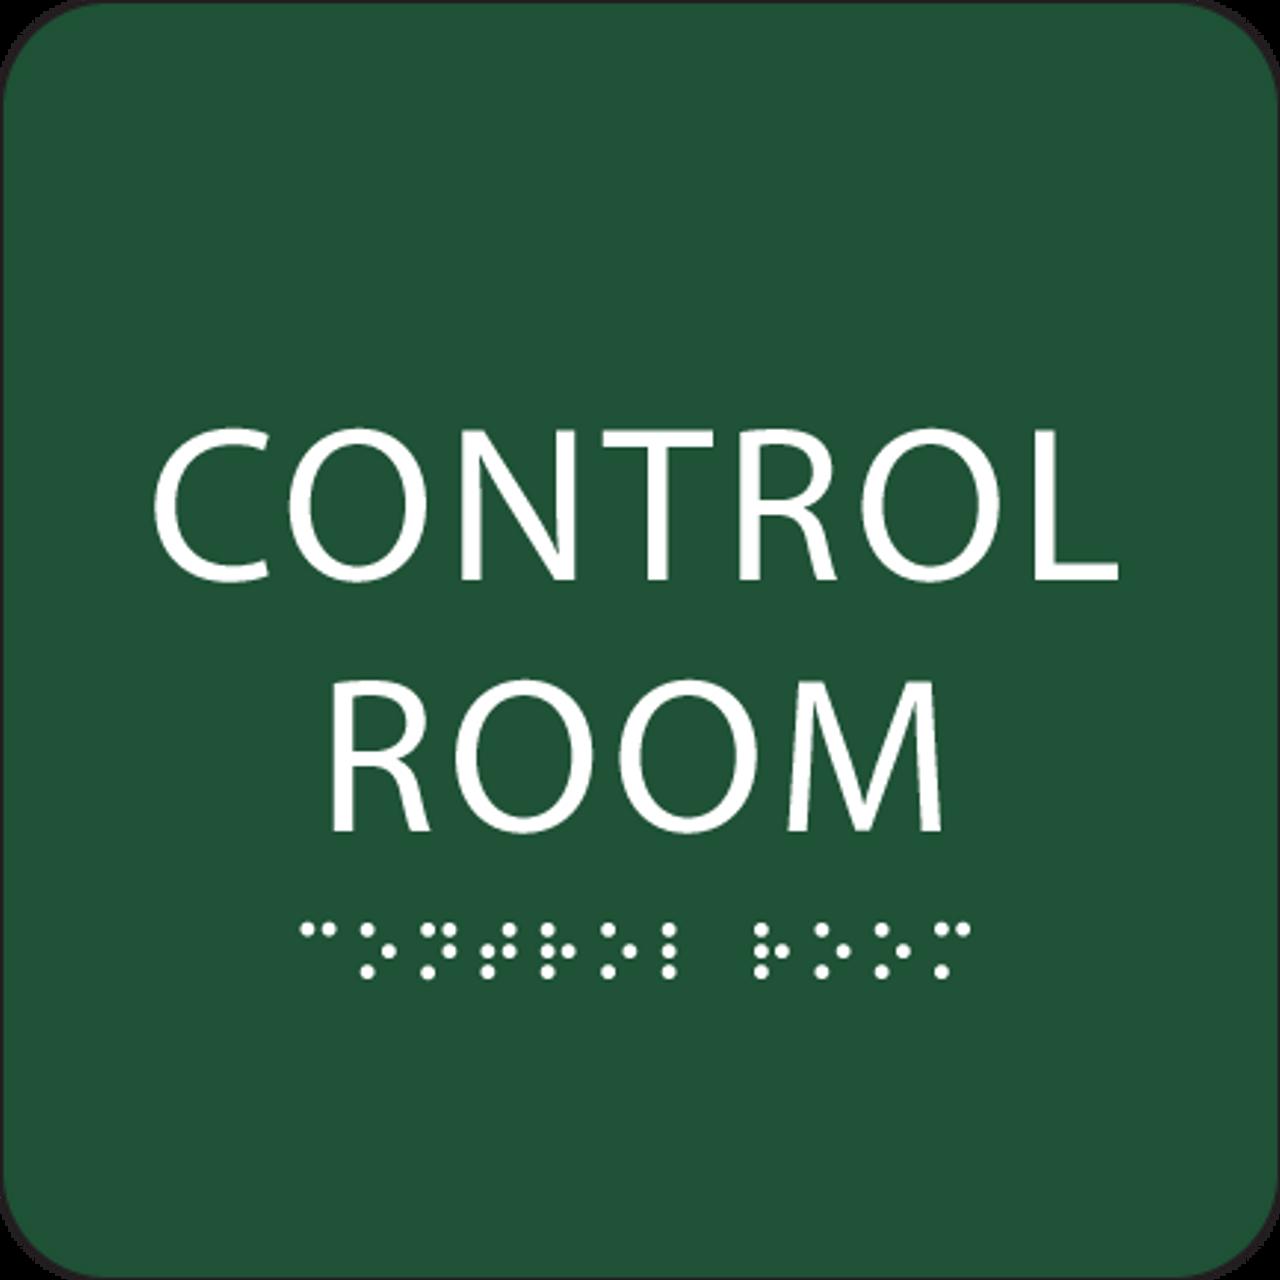 Green Control Room ADA Sign